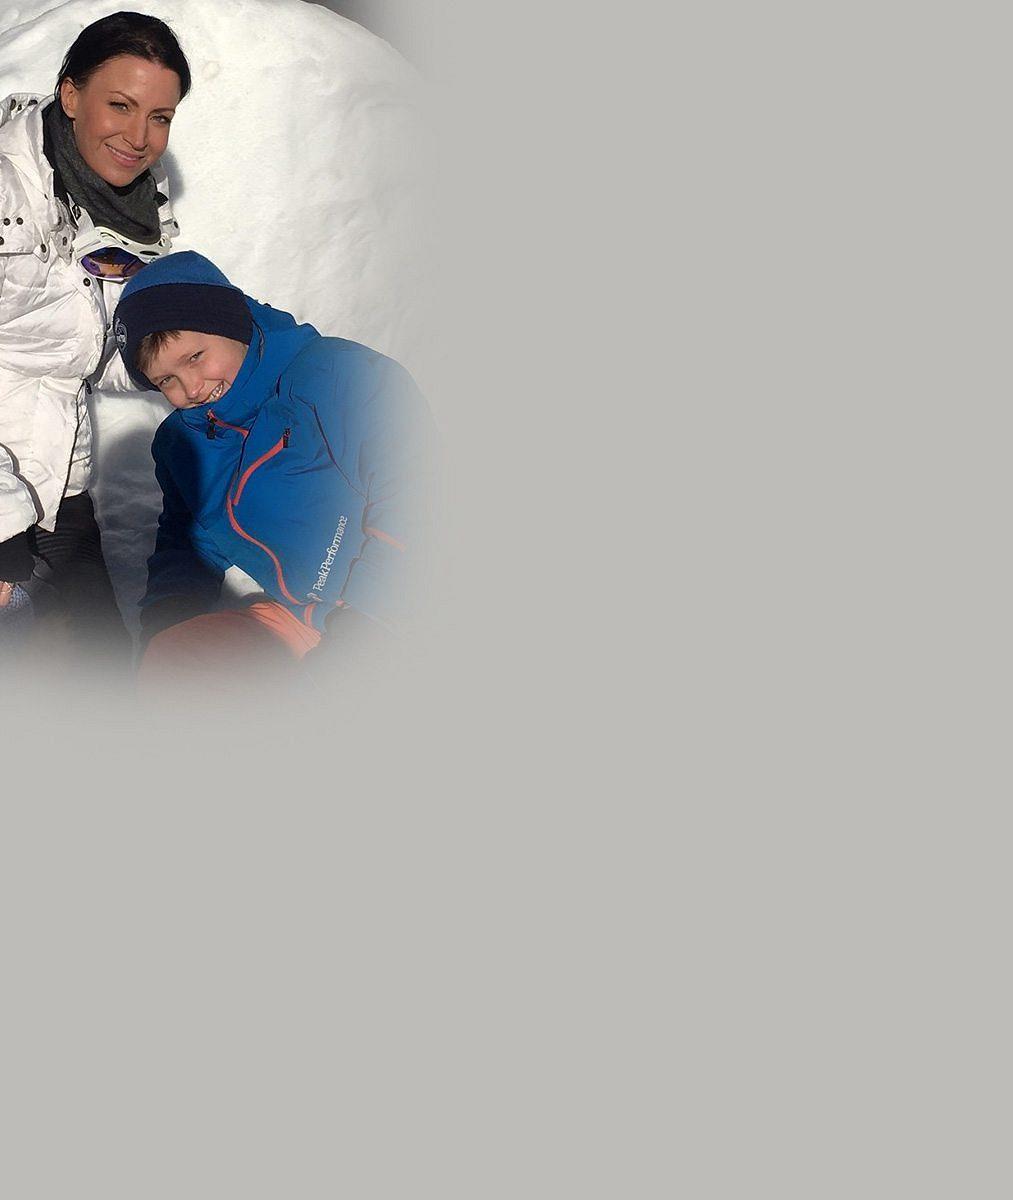 Takhle si Partyšová užívá třeskutou zimu: Na svahu ve Špindlu dováděla se synem a fotila se s Klausem